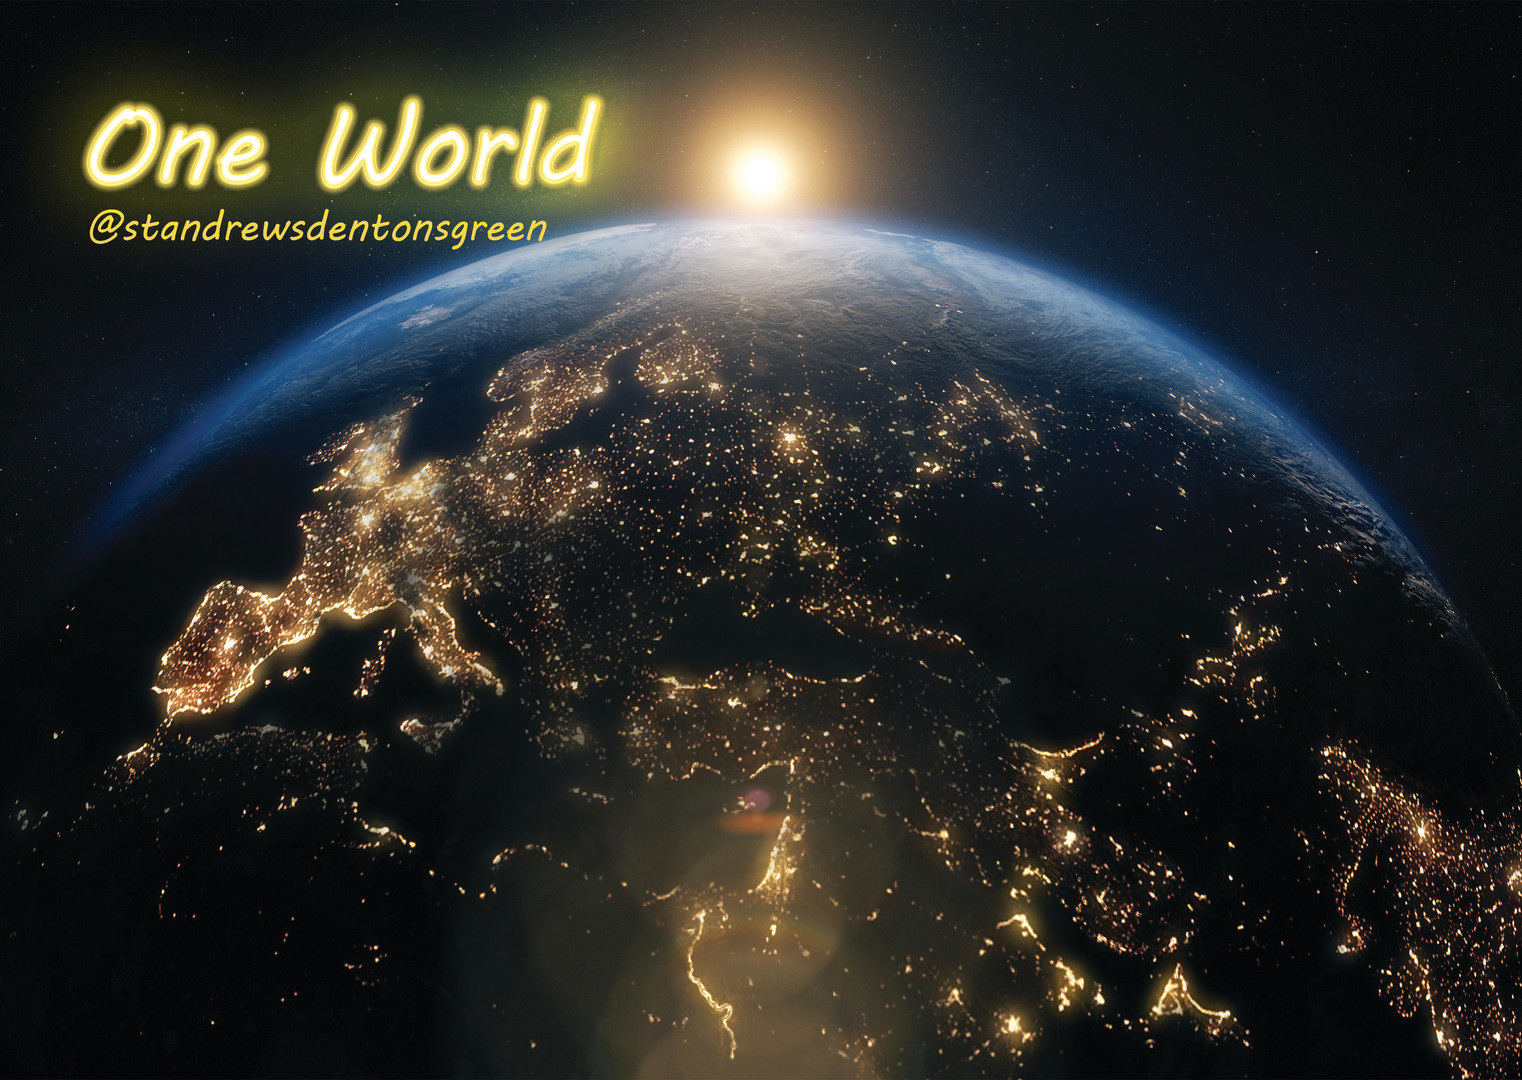 One World Community Cafe